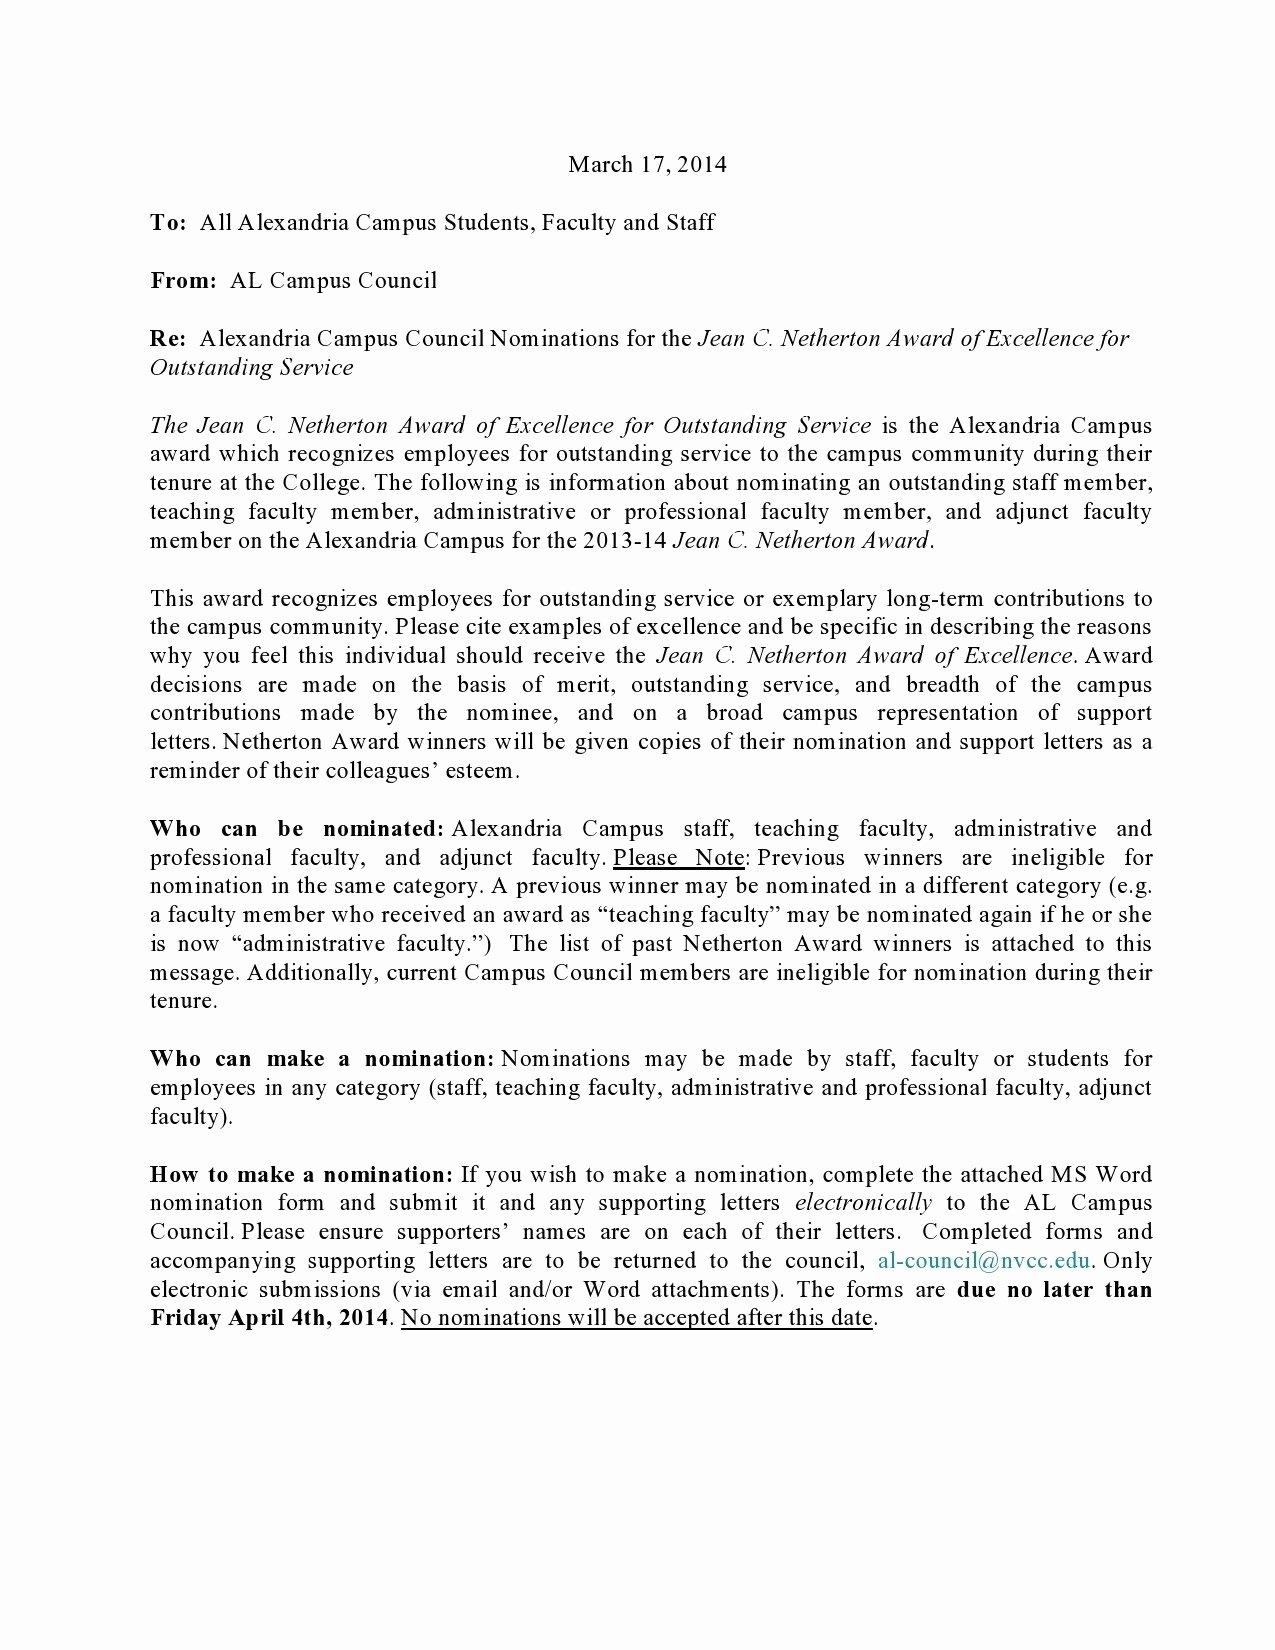 Award Recommendation Letter Sample Lovely Sample Award Nomination Letter for Employee